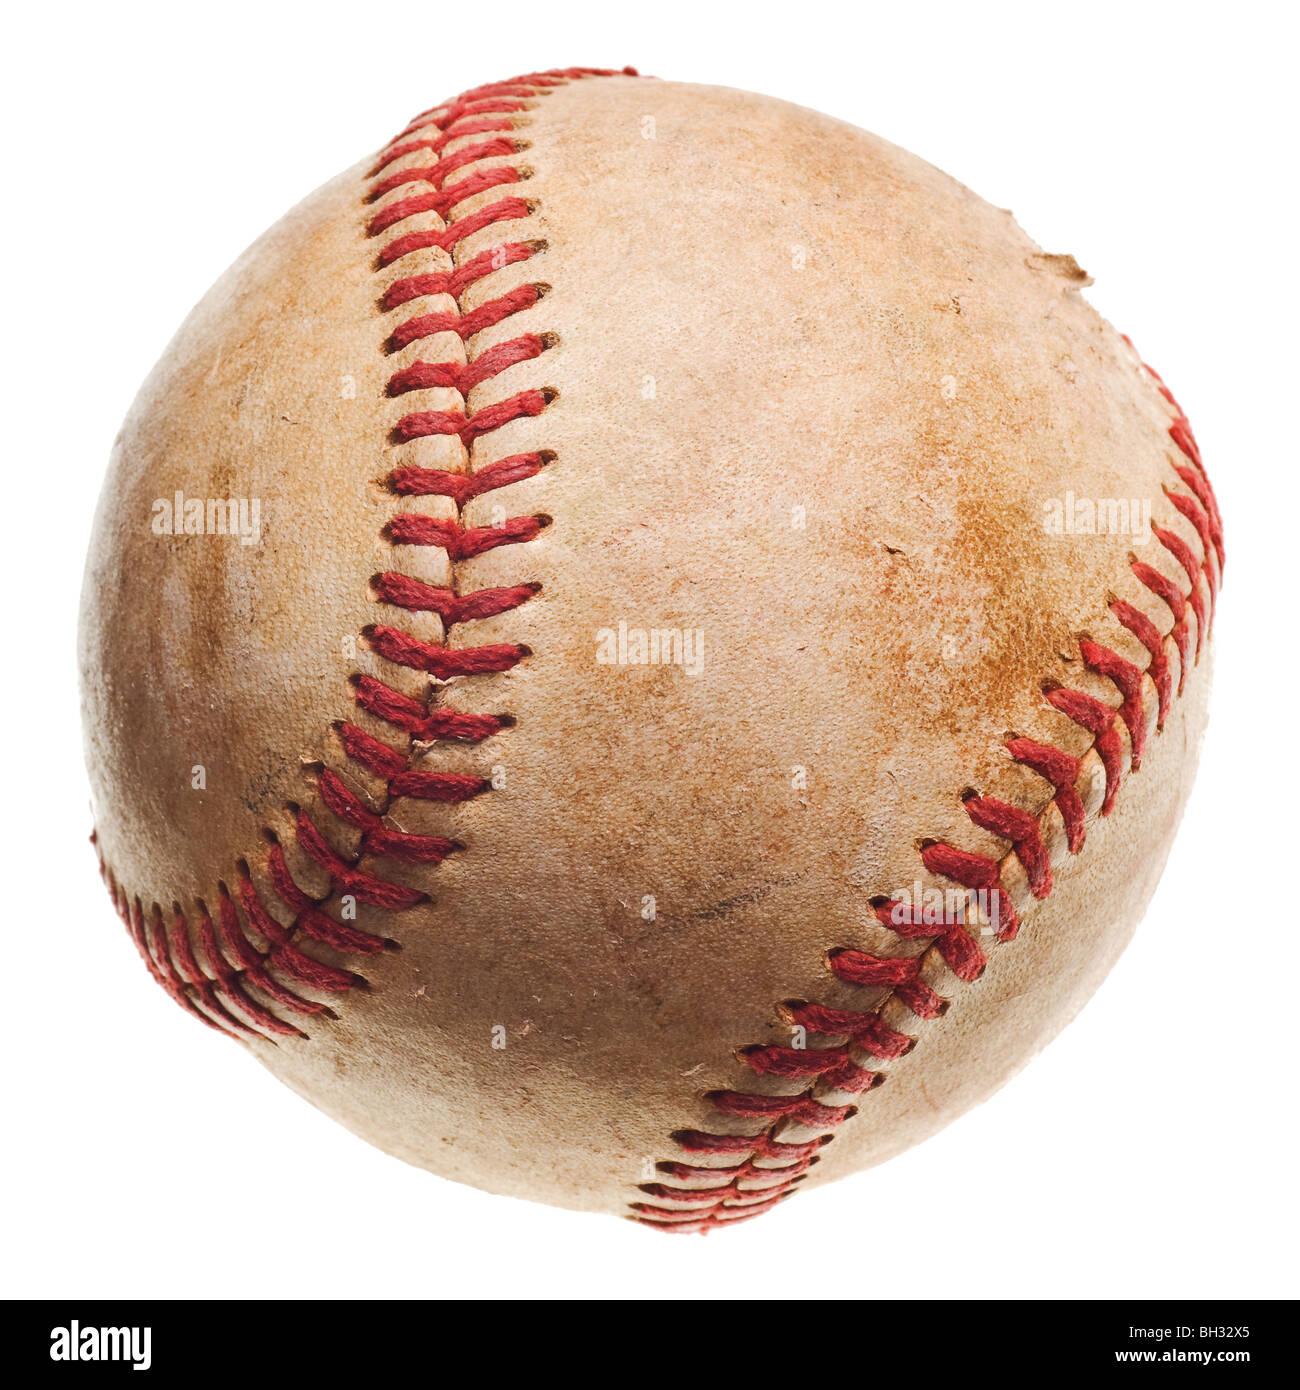 Il baseball con impunture rosse baseball isolati su sfondo bianco Immagini Stock